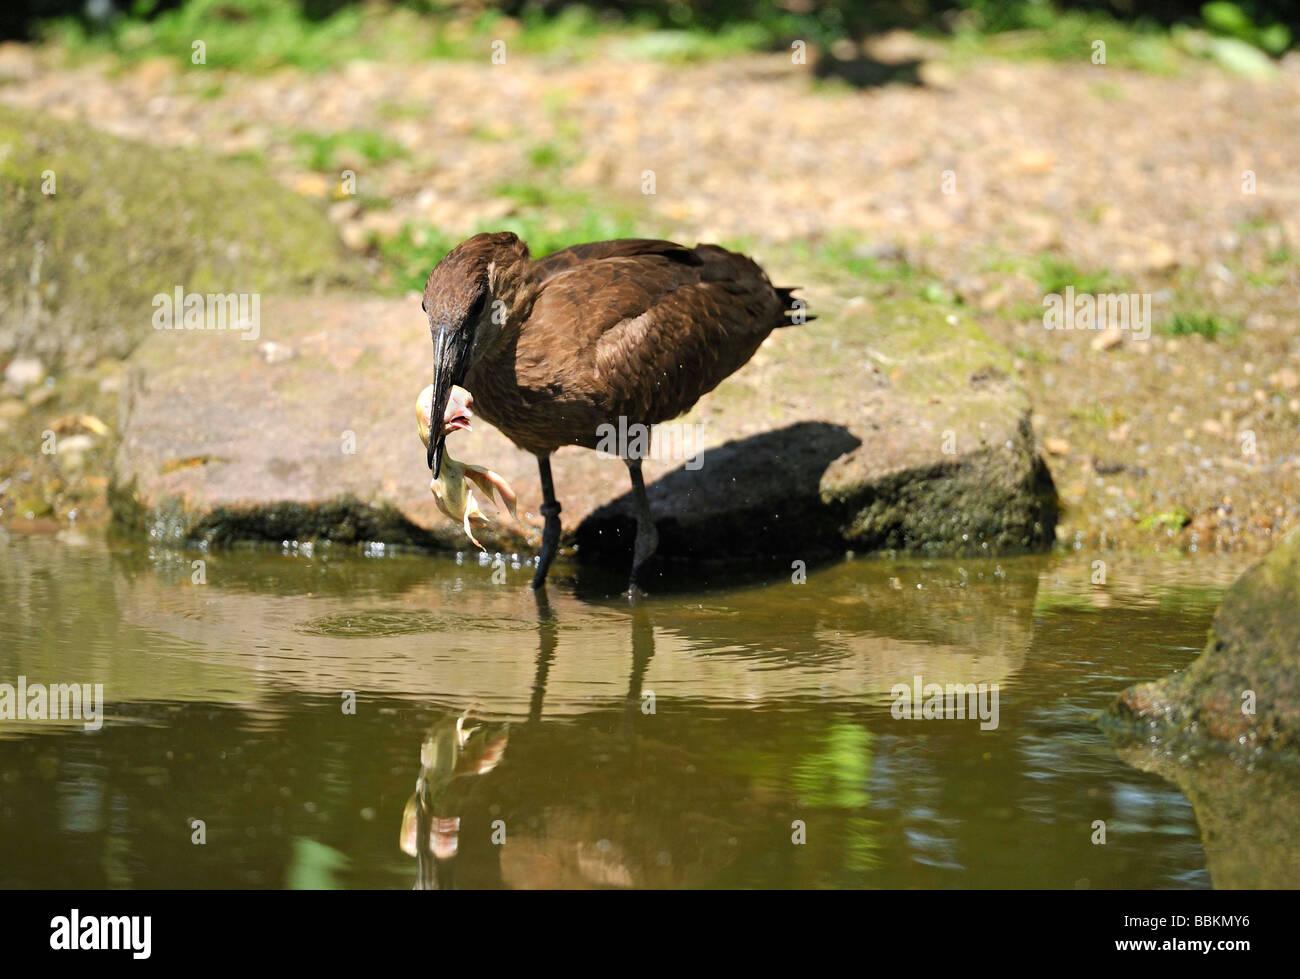 Hamerkop (Scopus umbretta). French: Ombrette africaine German: Hammerkopf Spanish: Avemartillo - Stock Image